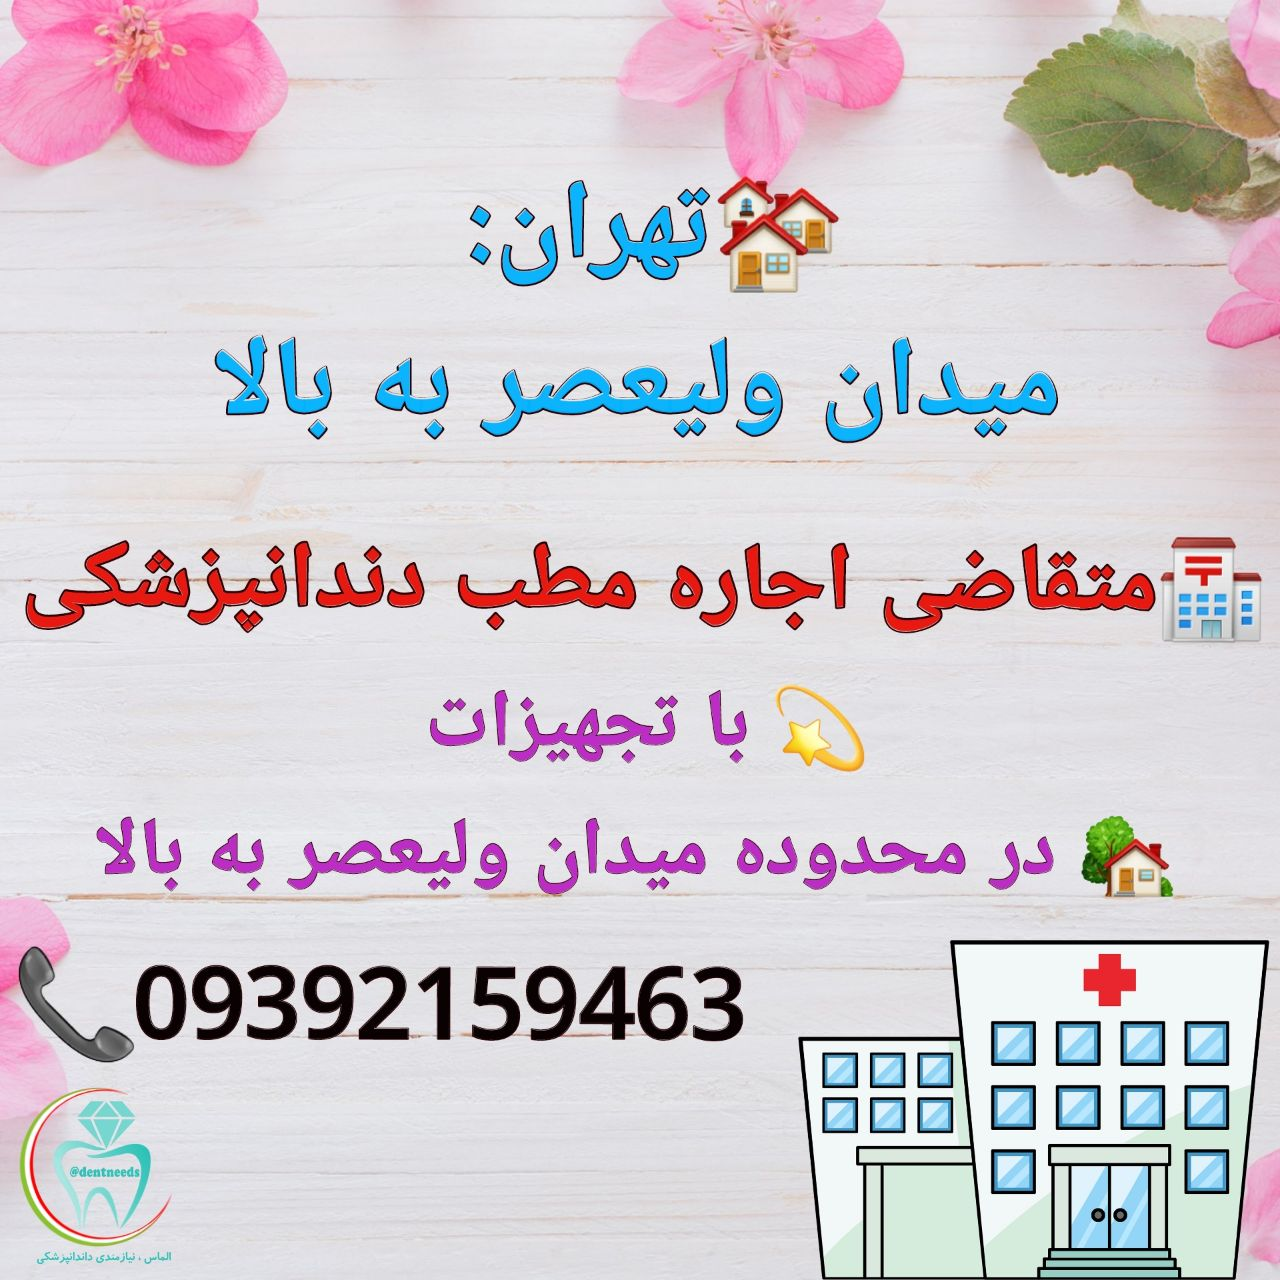 تهران: میدانولیعصر به بالا، متقاضی اجاره مطب دندانپزشکی